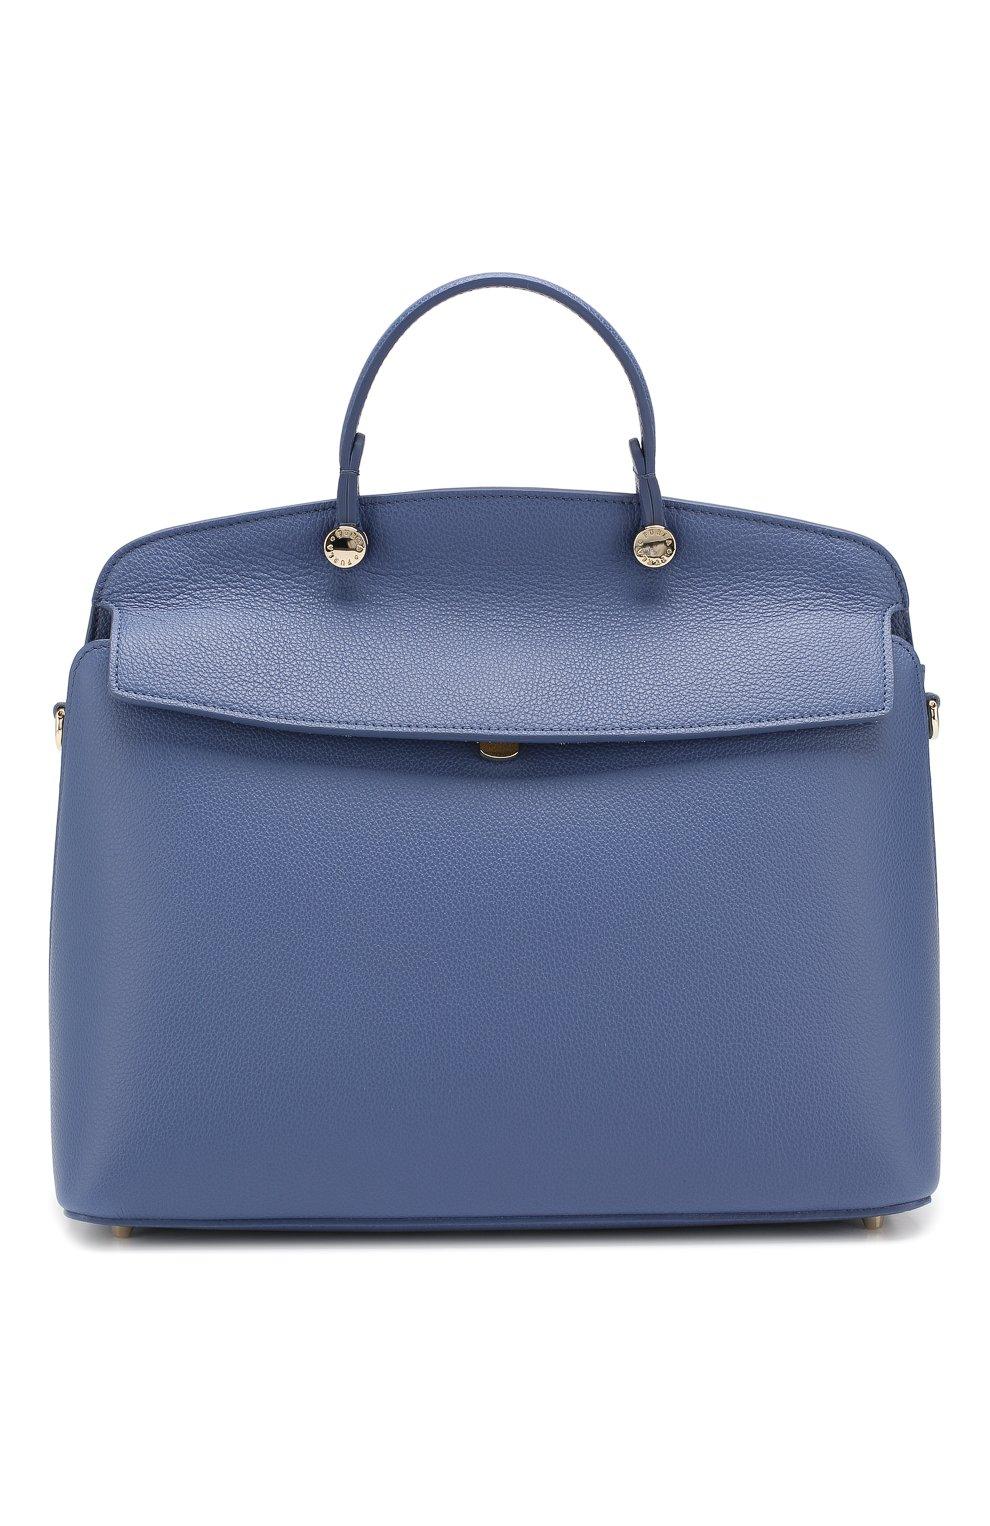 1b8426574567 Женская сумка my piper FURLA синяя цвета — купить за 27500 руб. в ...